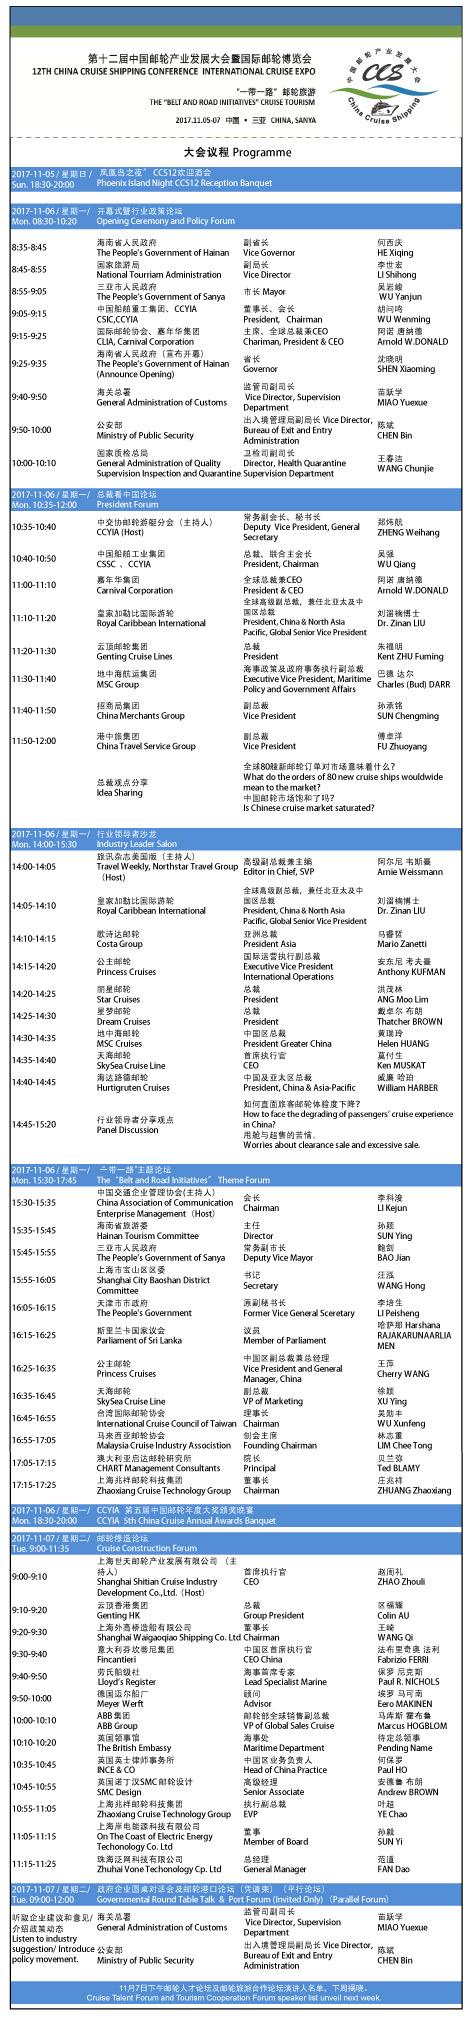 CCS12 Programme